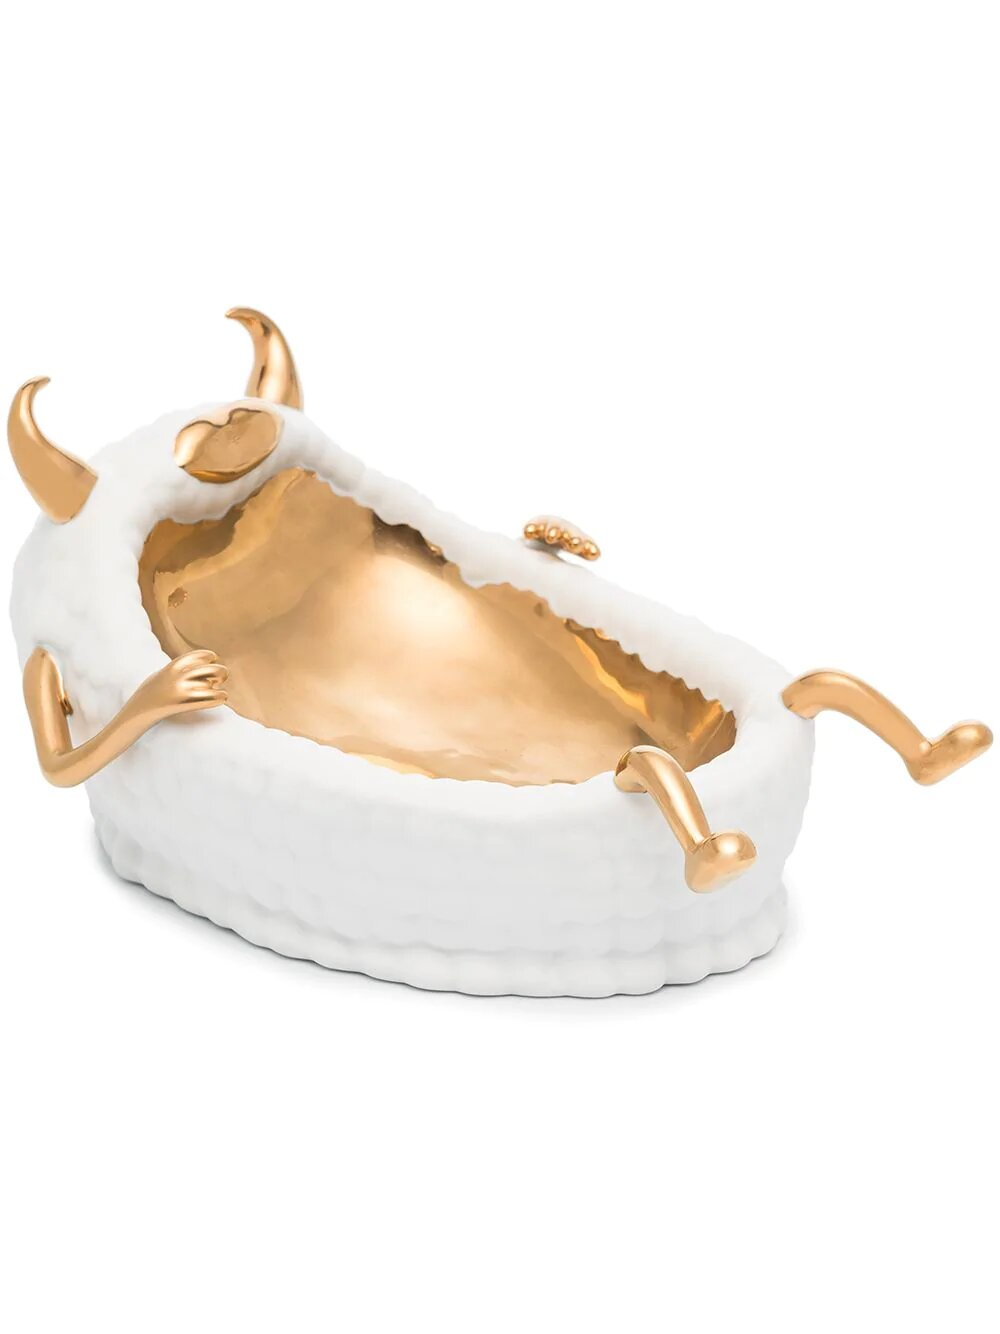 Луксозна и сладка купа чудовище от 24-каратово злато и порцелан. Цена: 1001лв